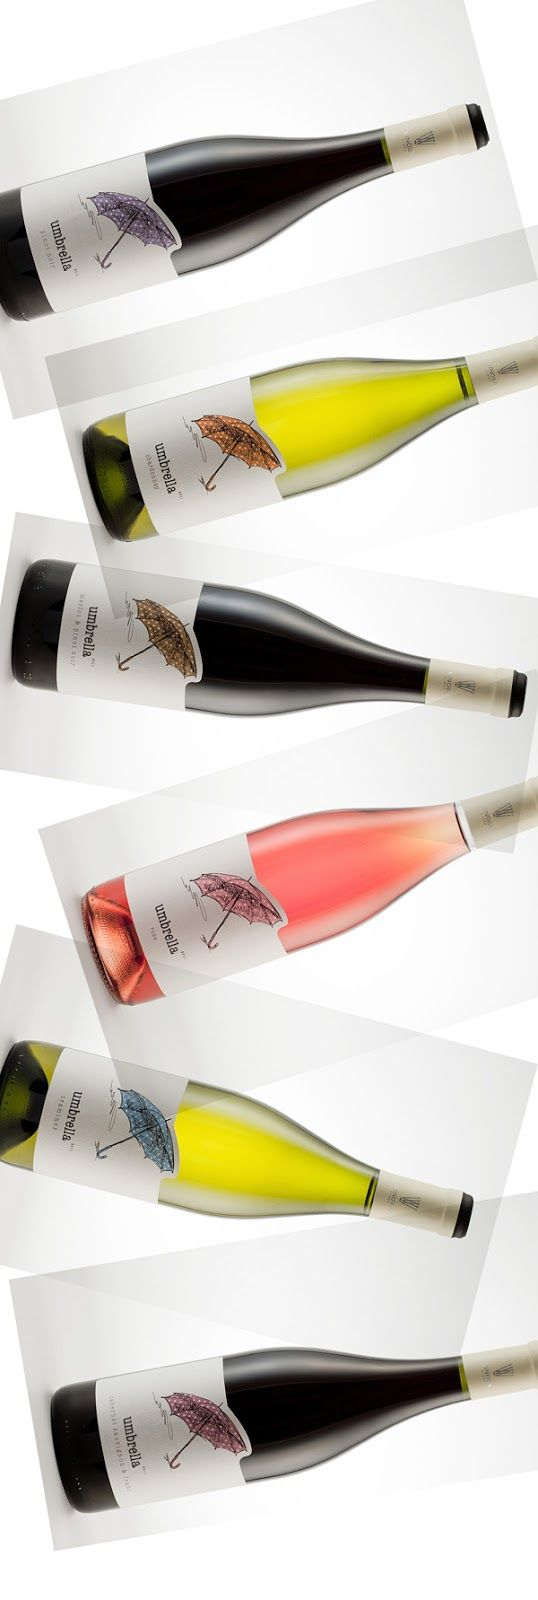 Umbrella Wines